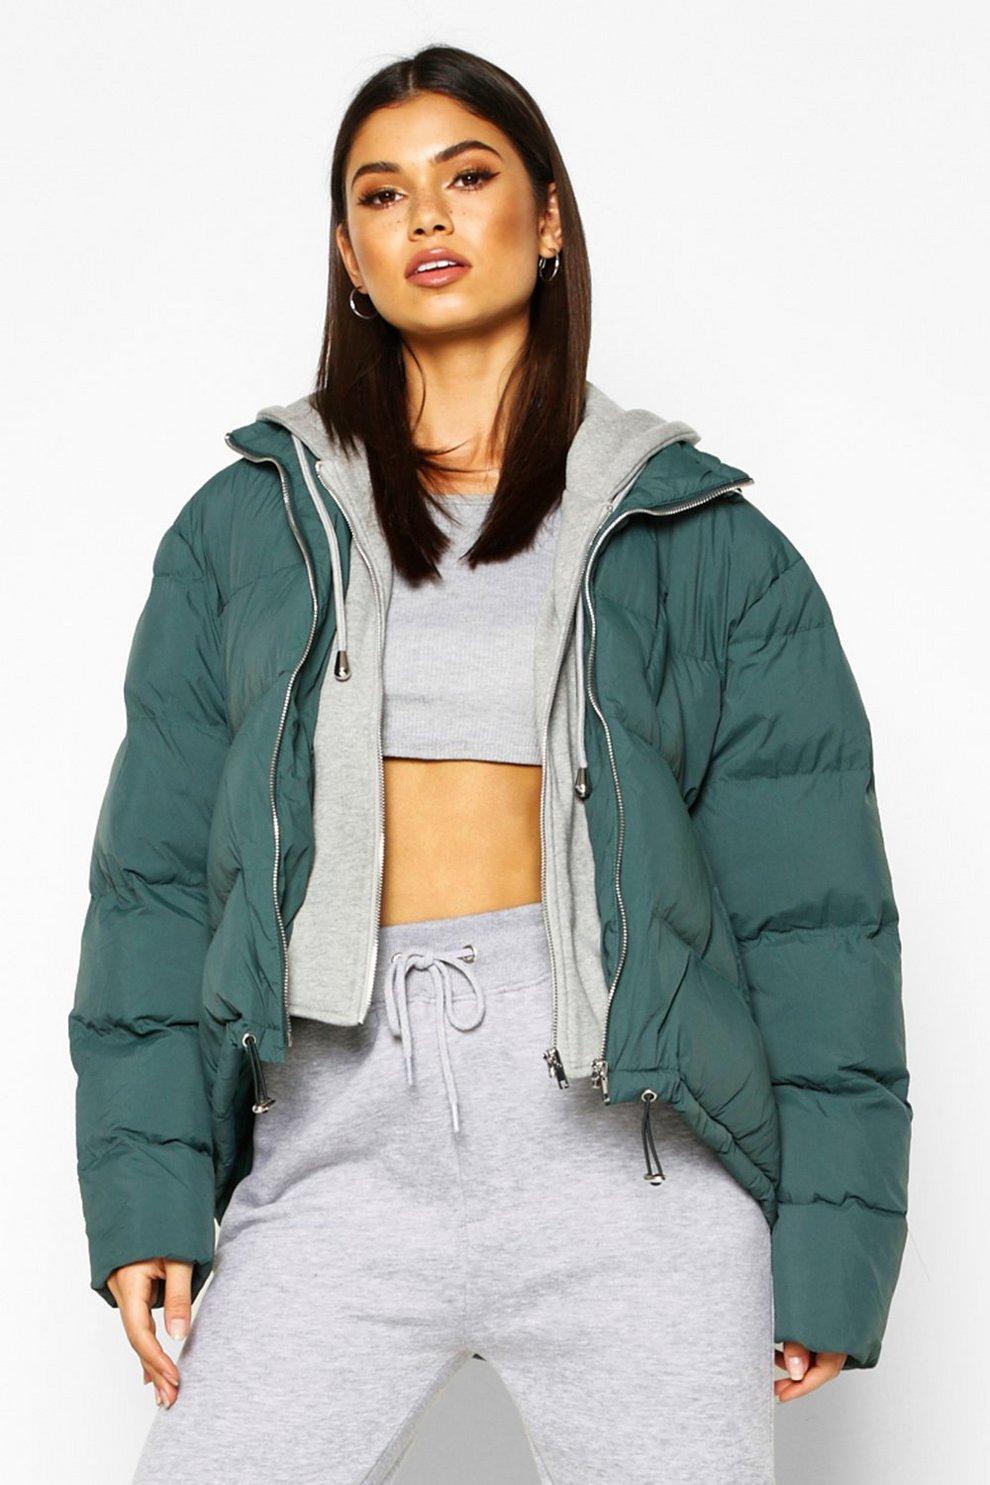 online retailer f129a 393ae Piumino imbottito in jersey con cappuccio